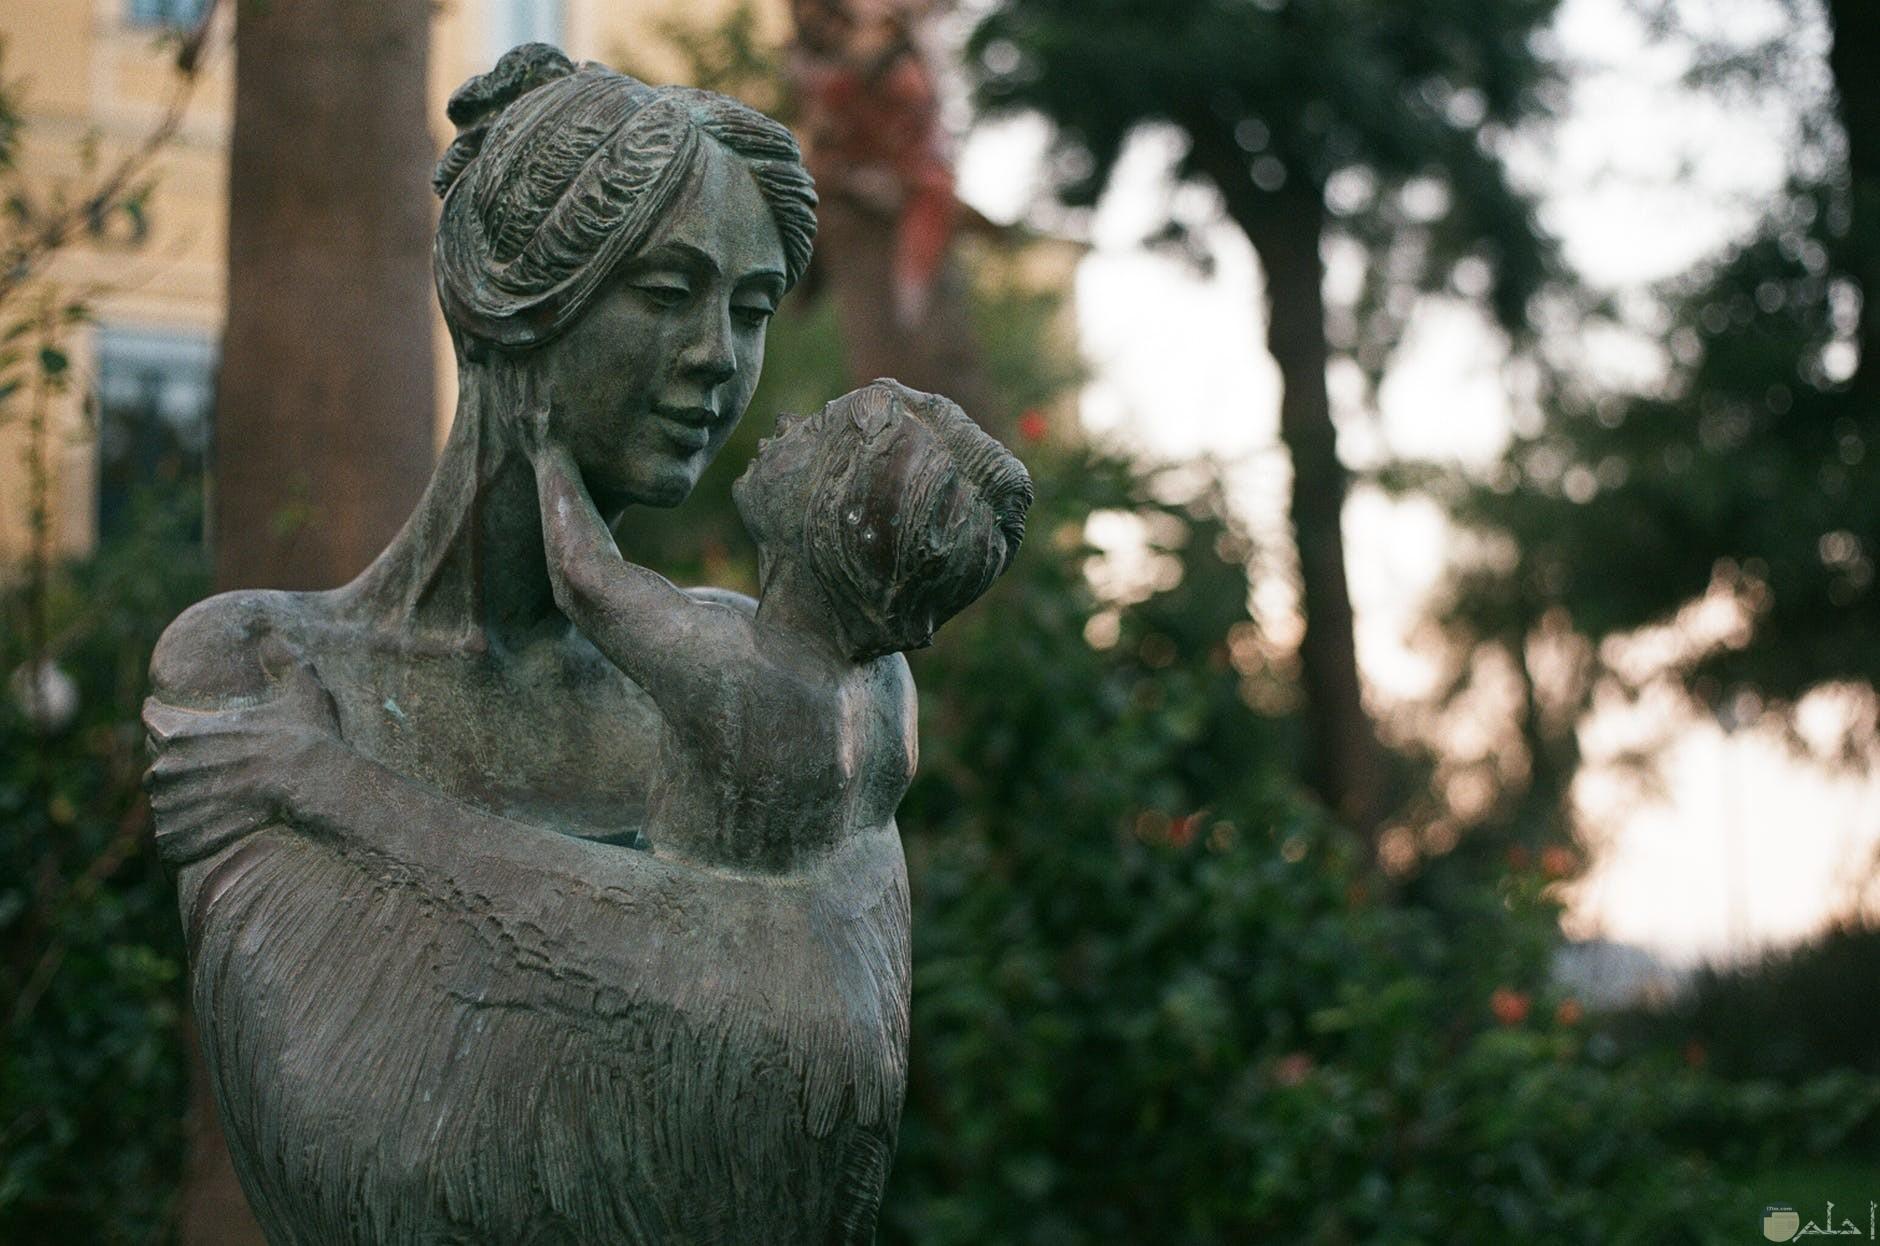 صوره تمثال سيده بيدها طفل